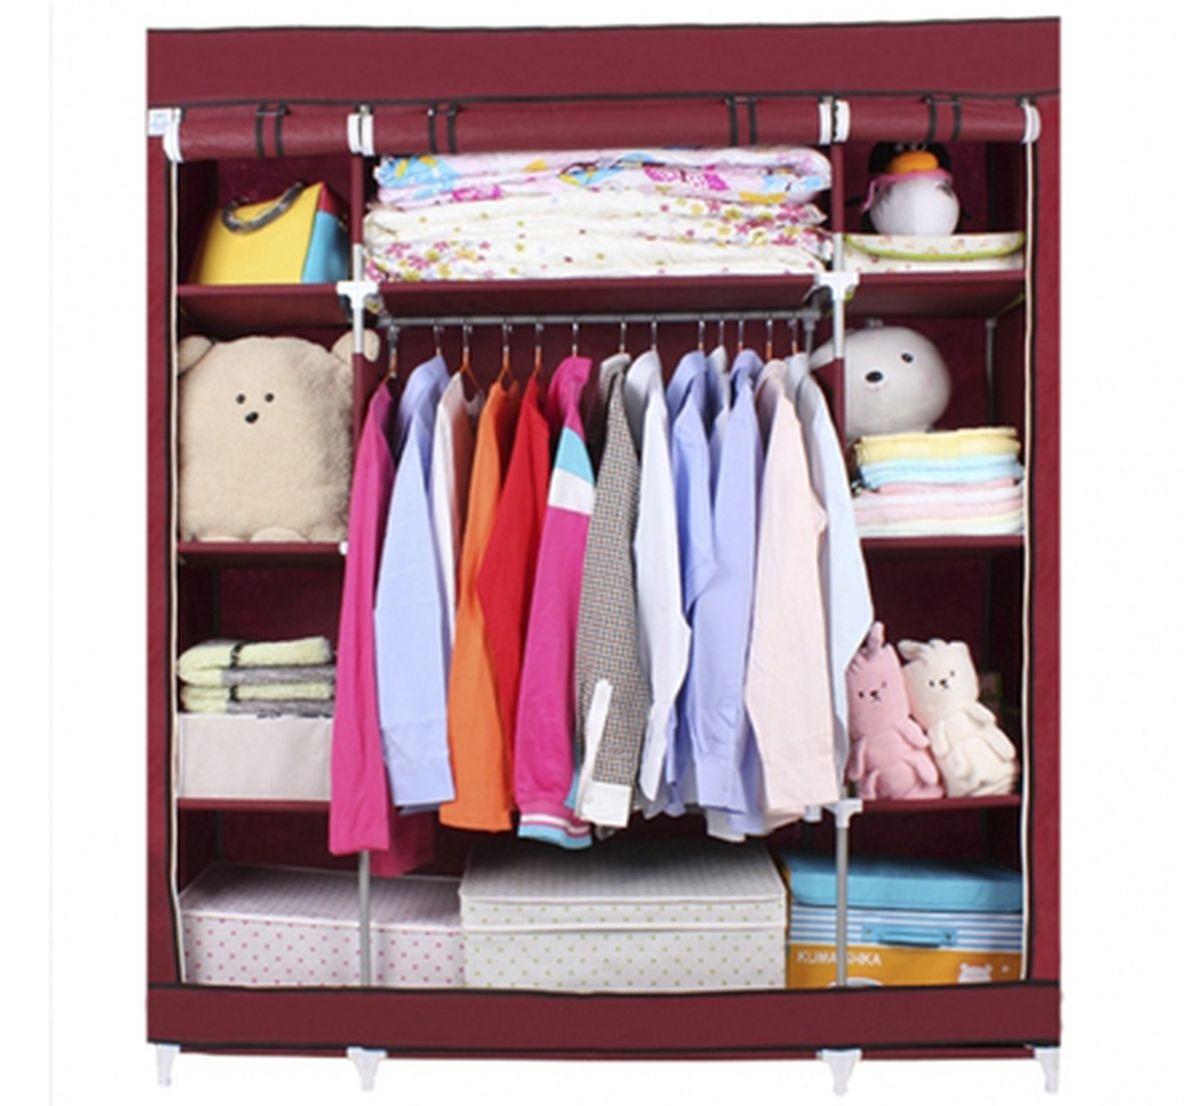 Шкаф Homsu Маджорити, цвет: бордовый, 140 x 50 x 175 см12723Шкаф Homsu Маджорити выполнен из текстиля. Сборная конструкция такого шкафа состоит из металлических деталей каркаса, обтянутых сверху прочной и легкой тканью. Этот шкаф предназначен в создании полноценного порядка. Изделие имеет 8 полок для складывания одежды 35 х 50 см и один большой 70 х 50 см отделениями, а также отделению для подвешивания одежды высотой 120 см и шириной 70 см. Кроме своей большой практичной пользы, данный мебельный предмет также сможет очень выгодно дополнить имеющийся интерьер в помещении. Верхняя тканевая обивка, при этом, всегда может быть легко и быстро снята, если ее необходимо будет постирать или заменить.